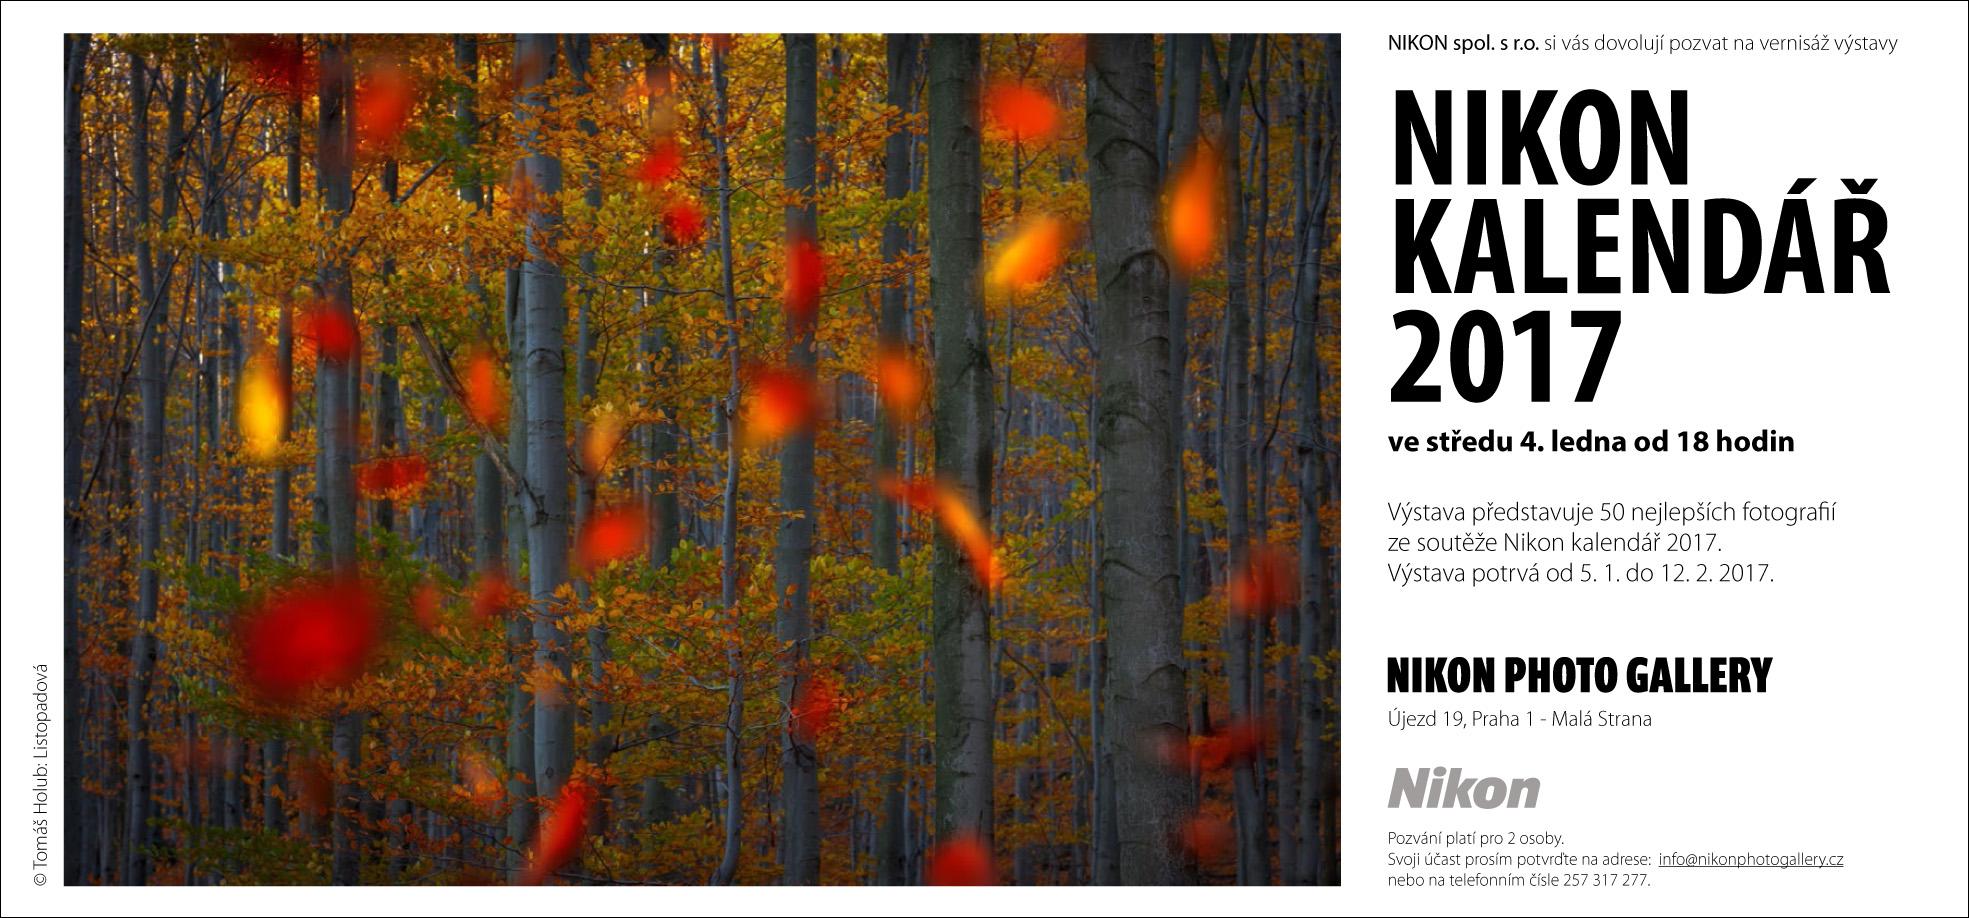 Nikon kalendář 2017 naživo v Nikon Photo Gallery